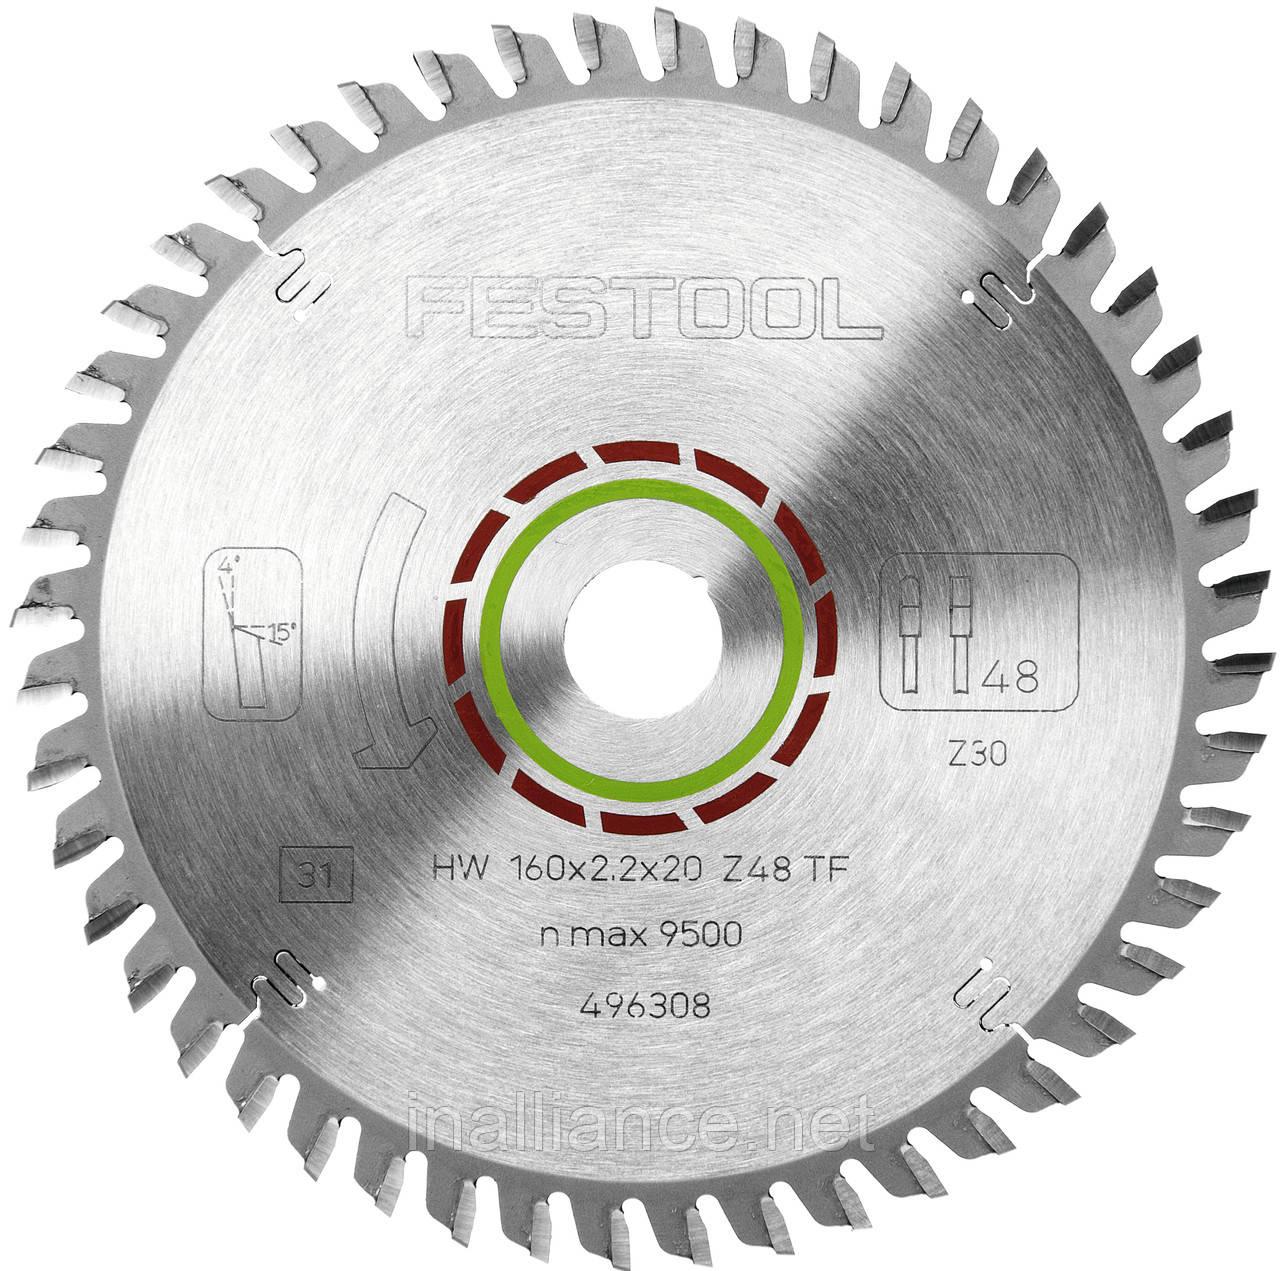 Пильный диск с трапециевидными плоскими зубьями 160 х 20 х 2,2 мм TF48 Festool 496308